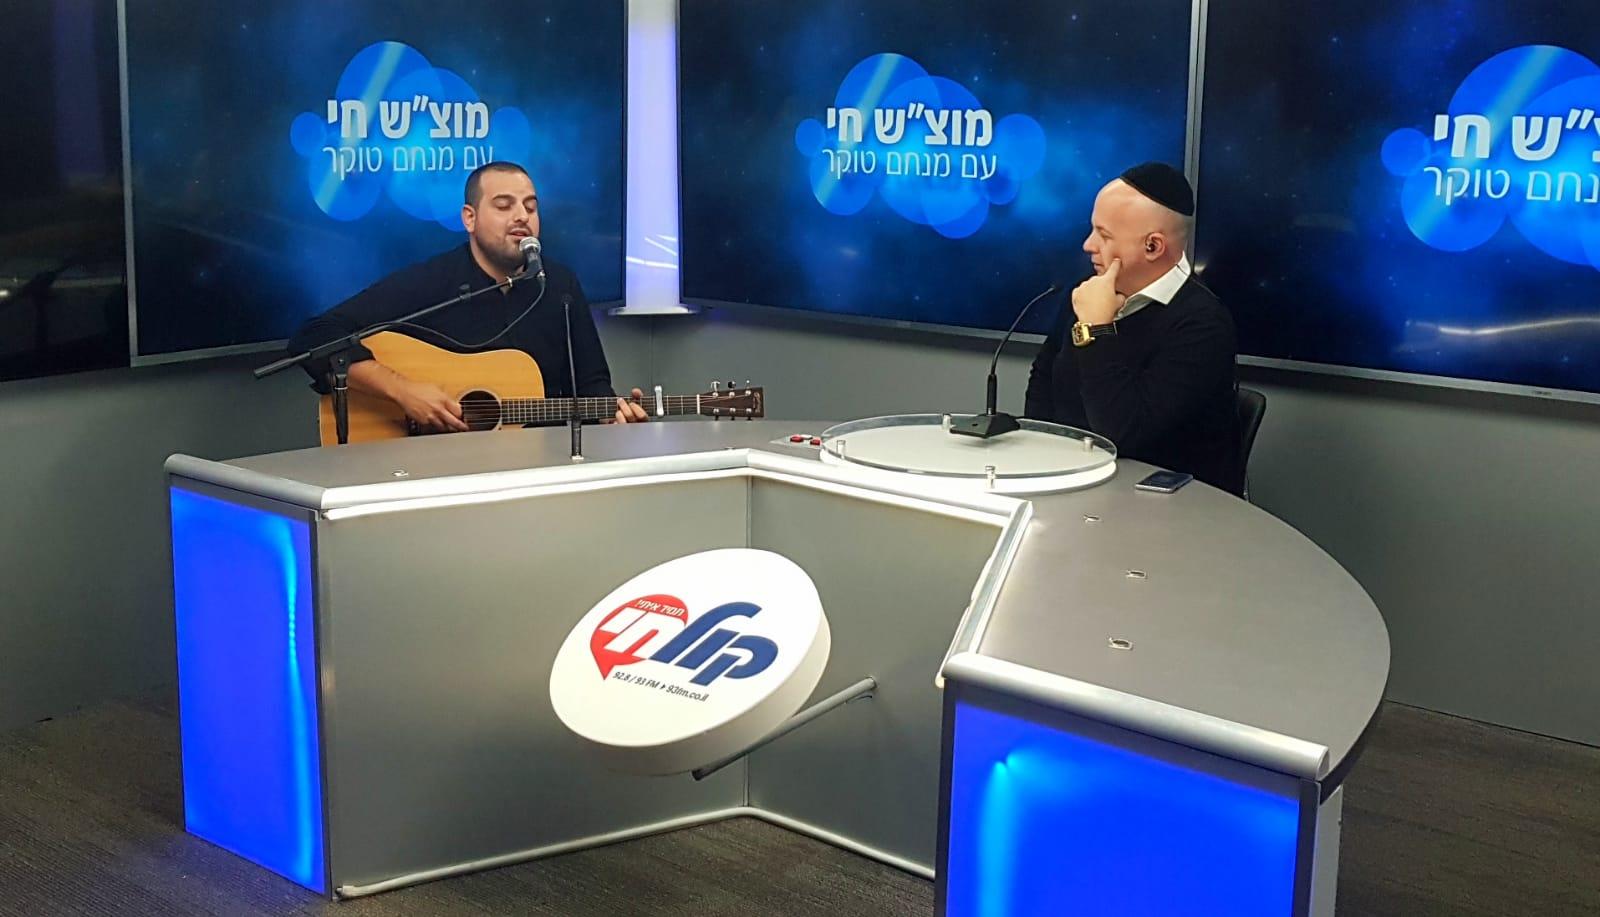 עקיבא תורג'מן אצל מנחם טוקר צילום דוד קליגר